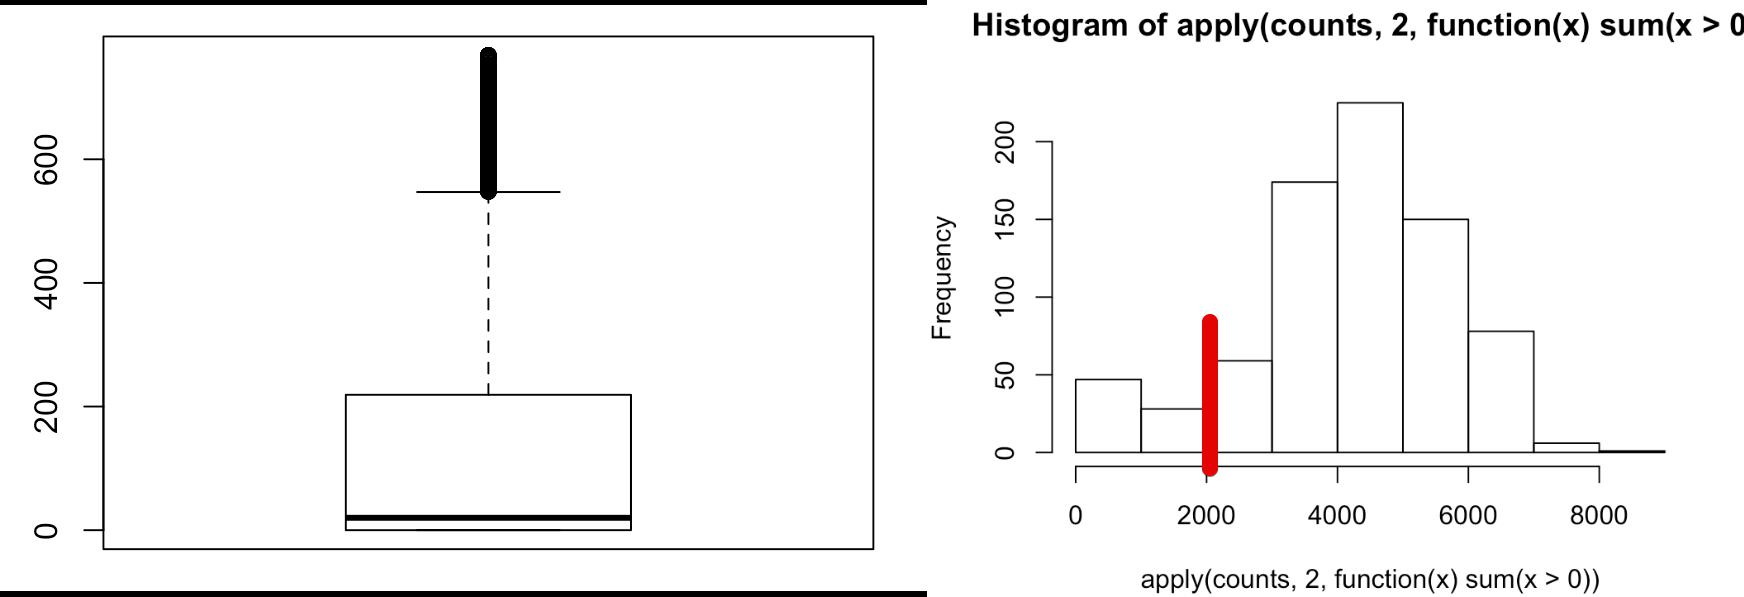 单细胞转录组学习笔记-17-用Seurat包分析文章数据  BIOINFOPLANET